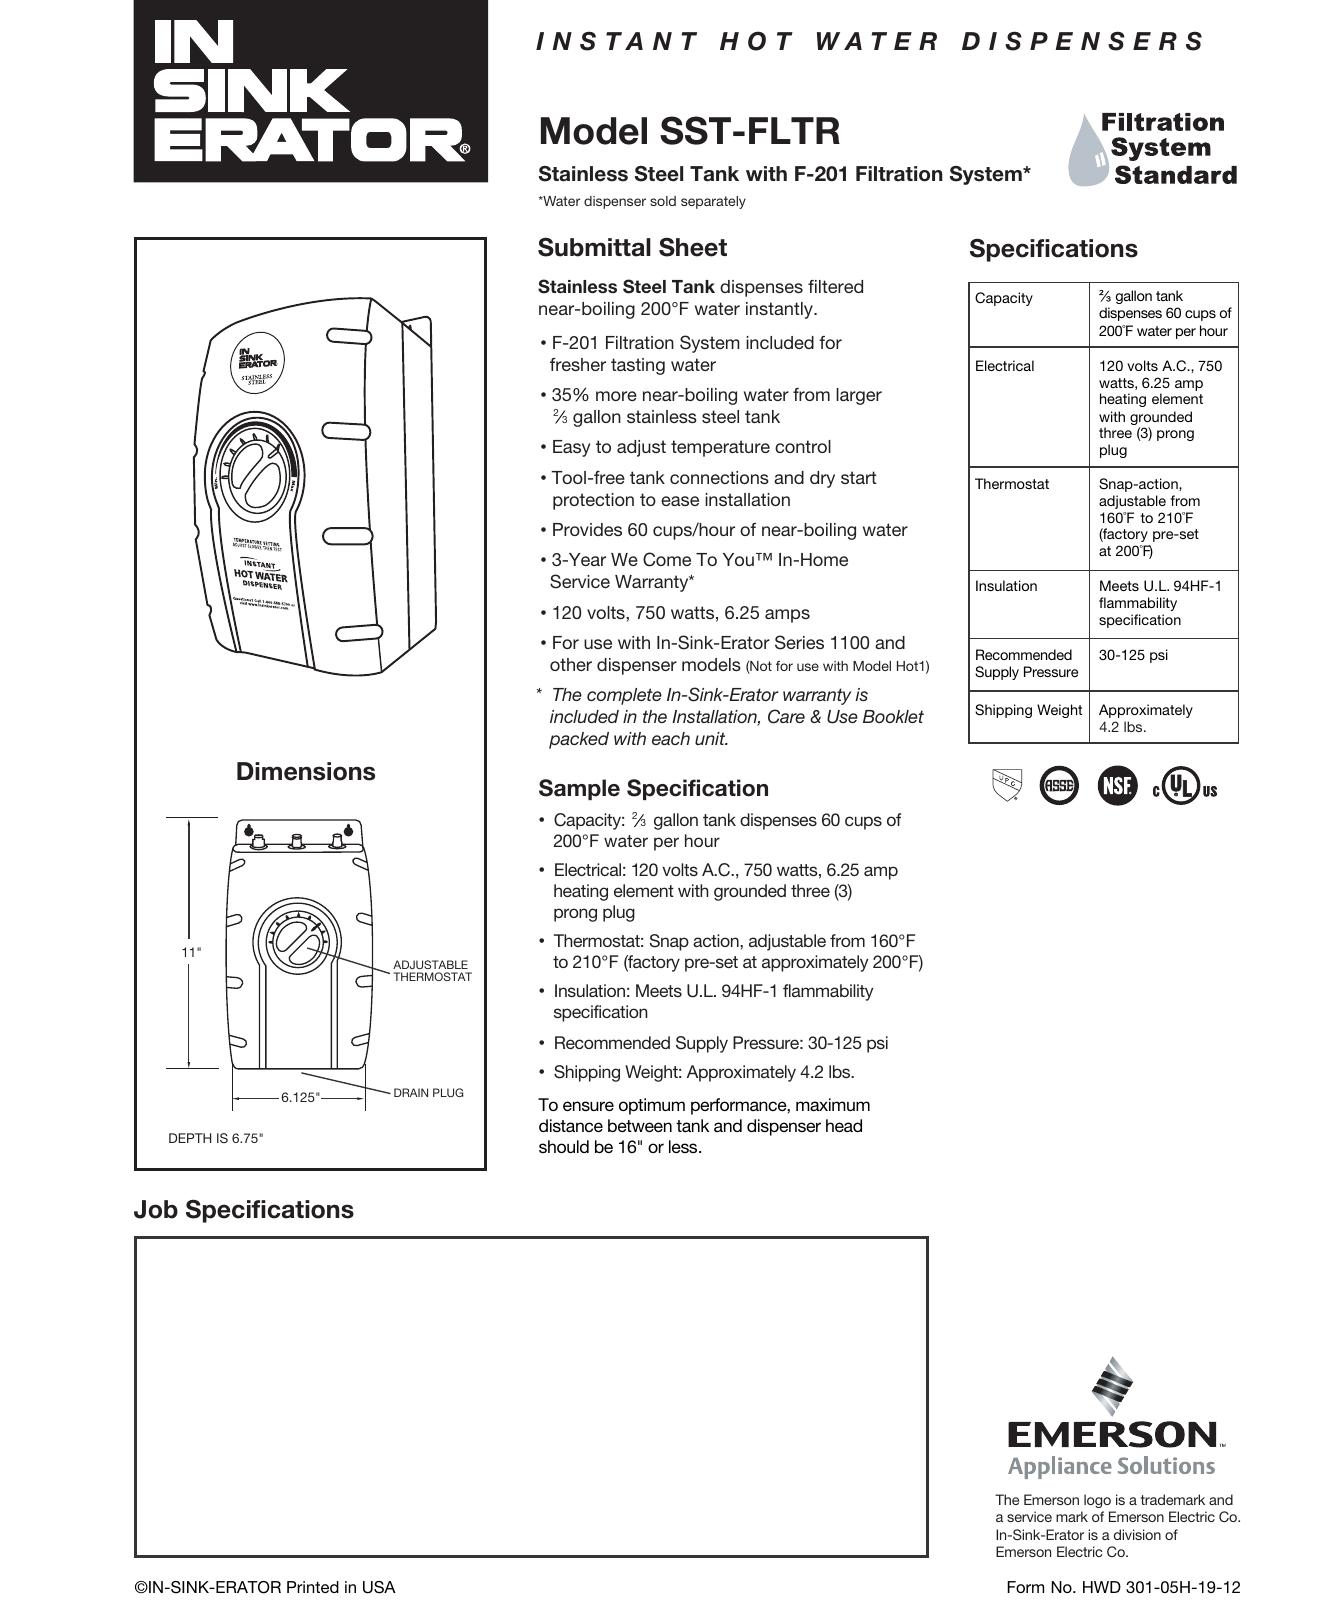 Insinkerator Sst Fltr Users Manual